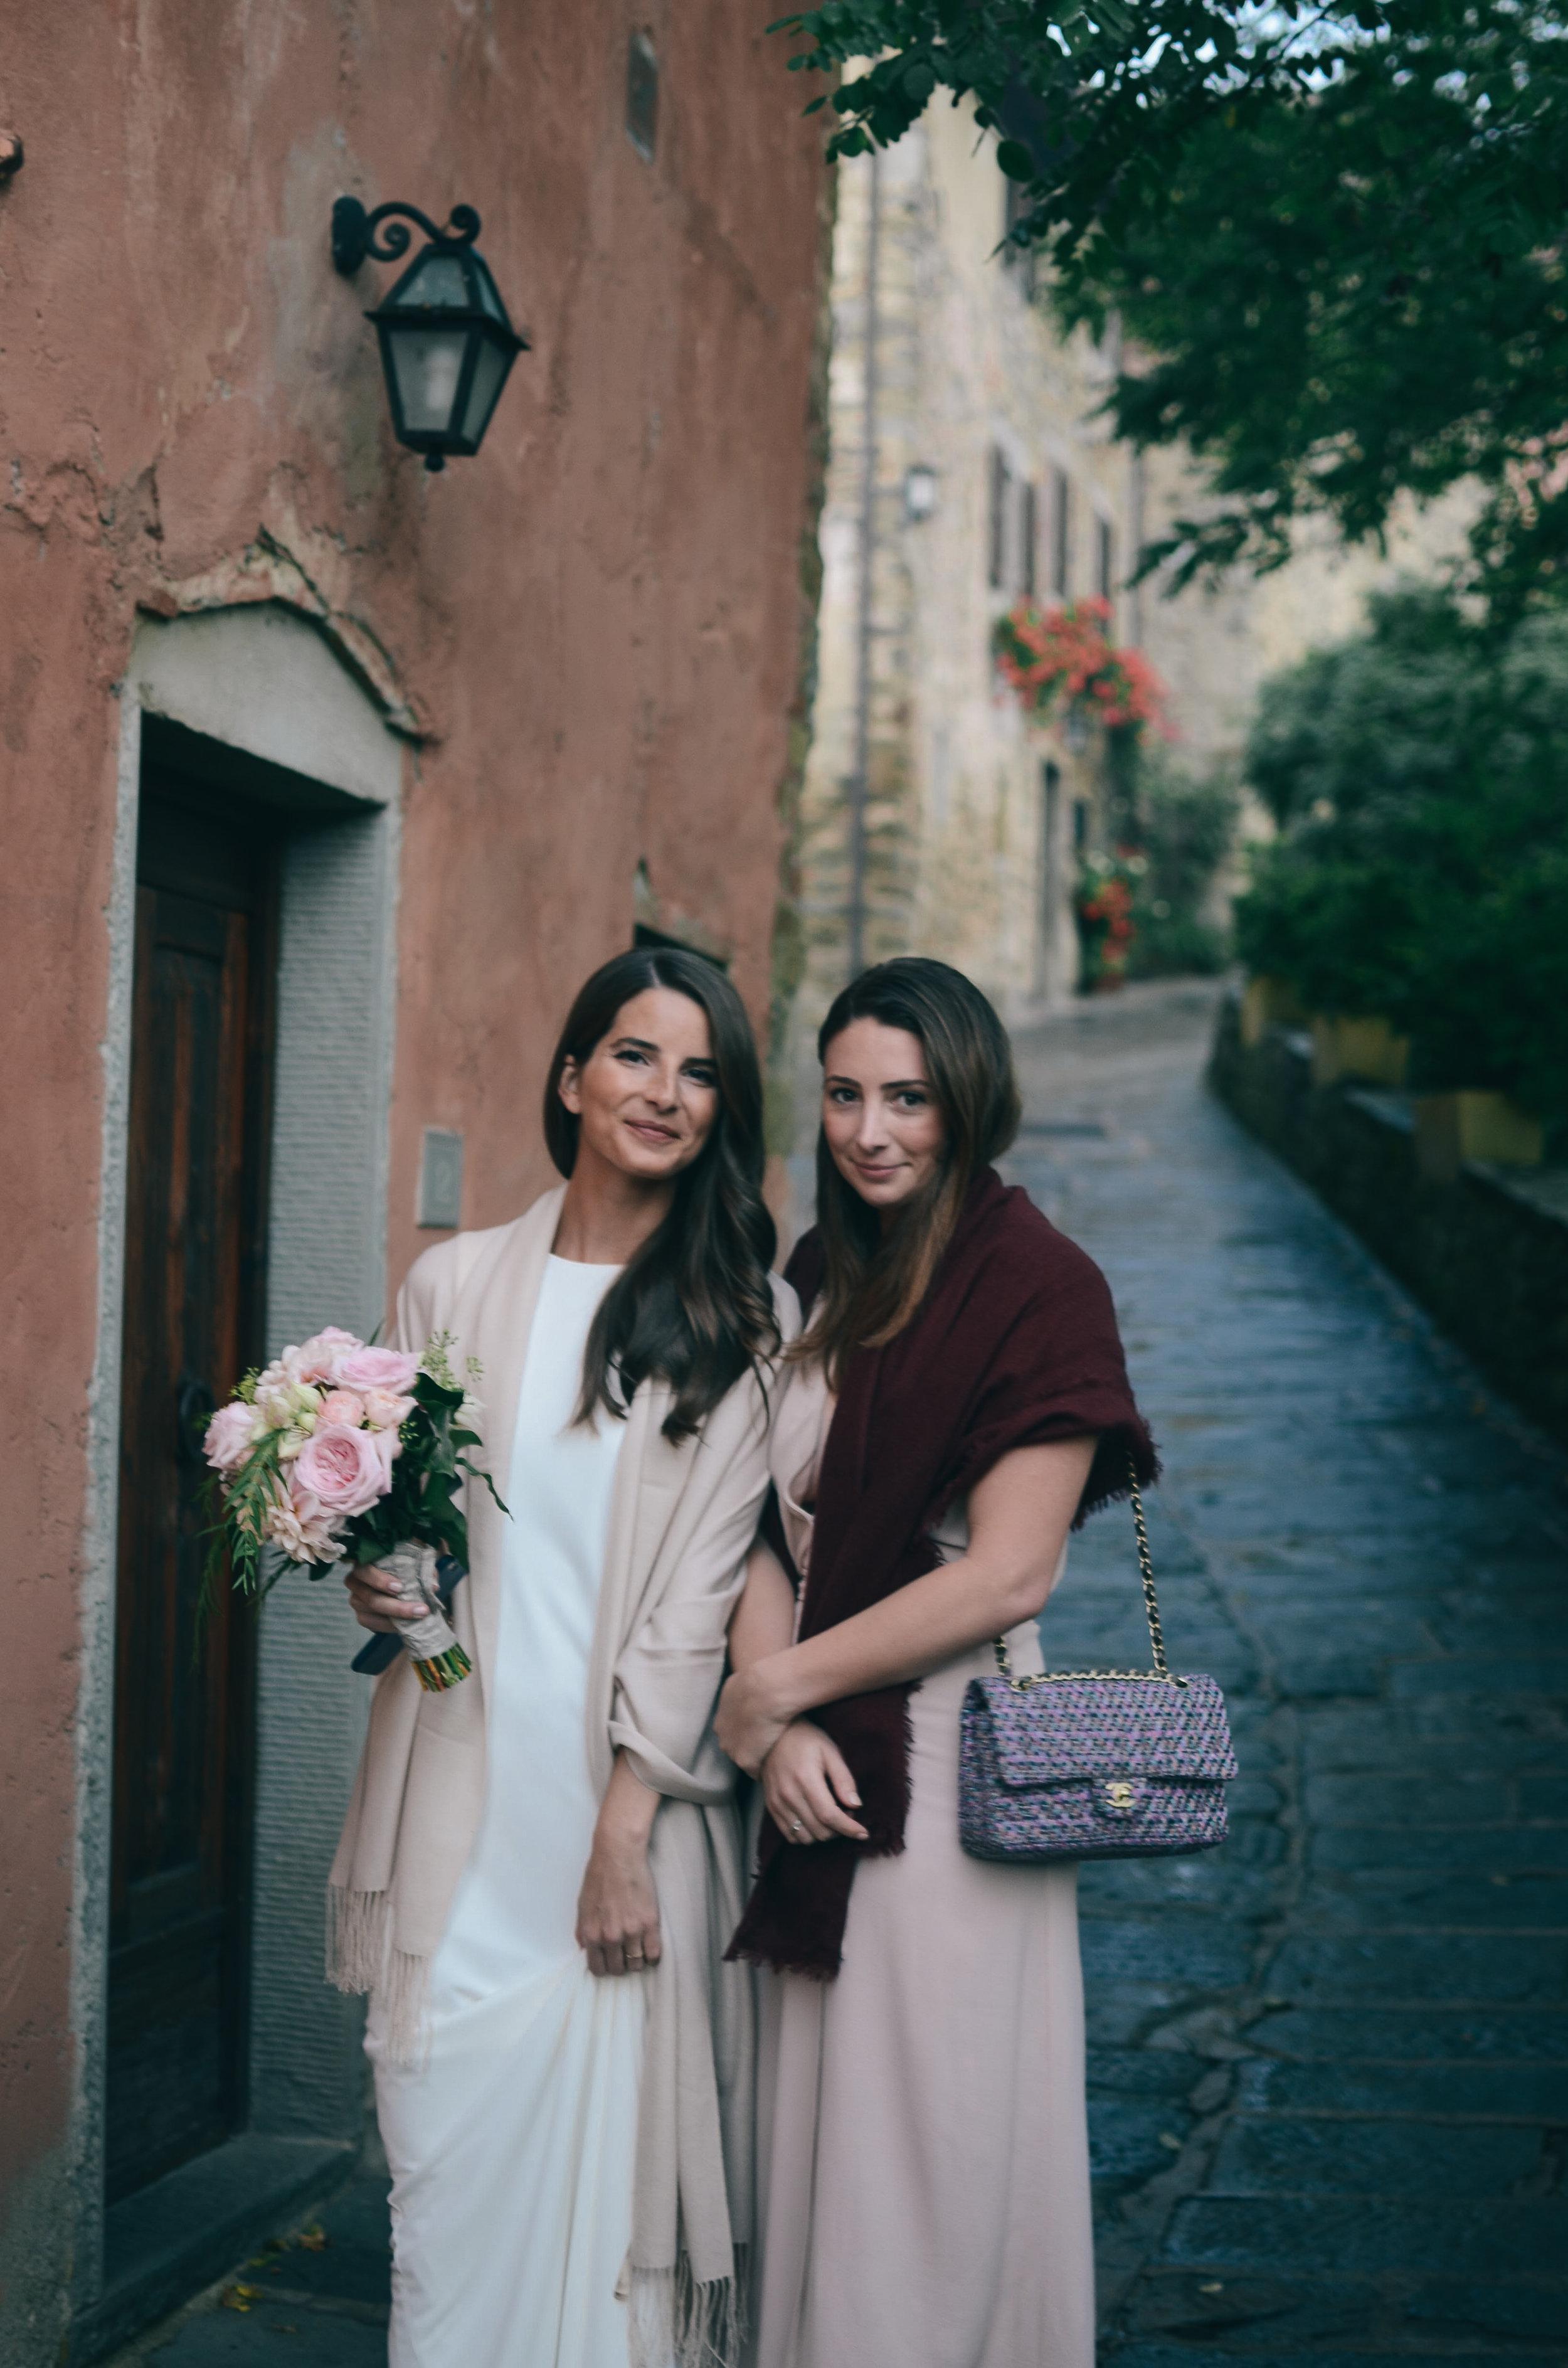 il-borro-toscana-wedding-tuscany-lifeonpine_DSC_1066.jpg